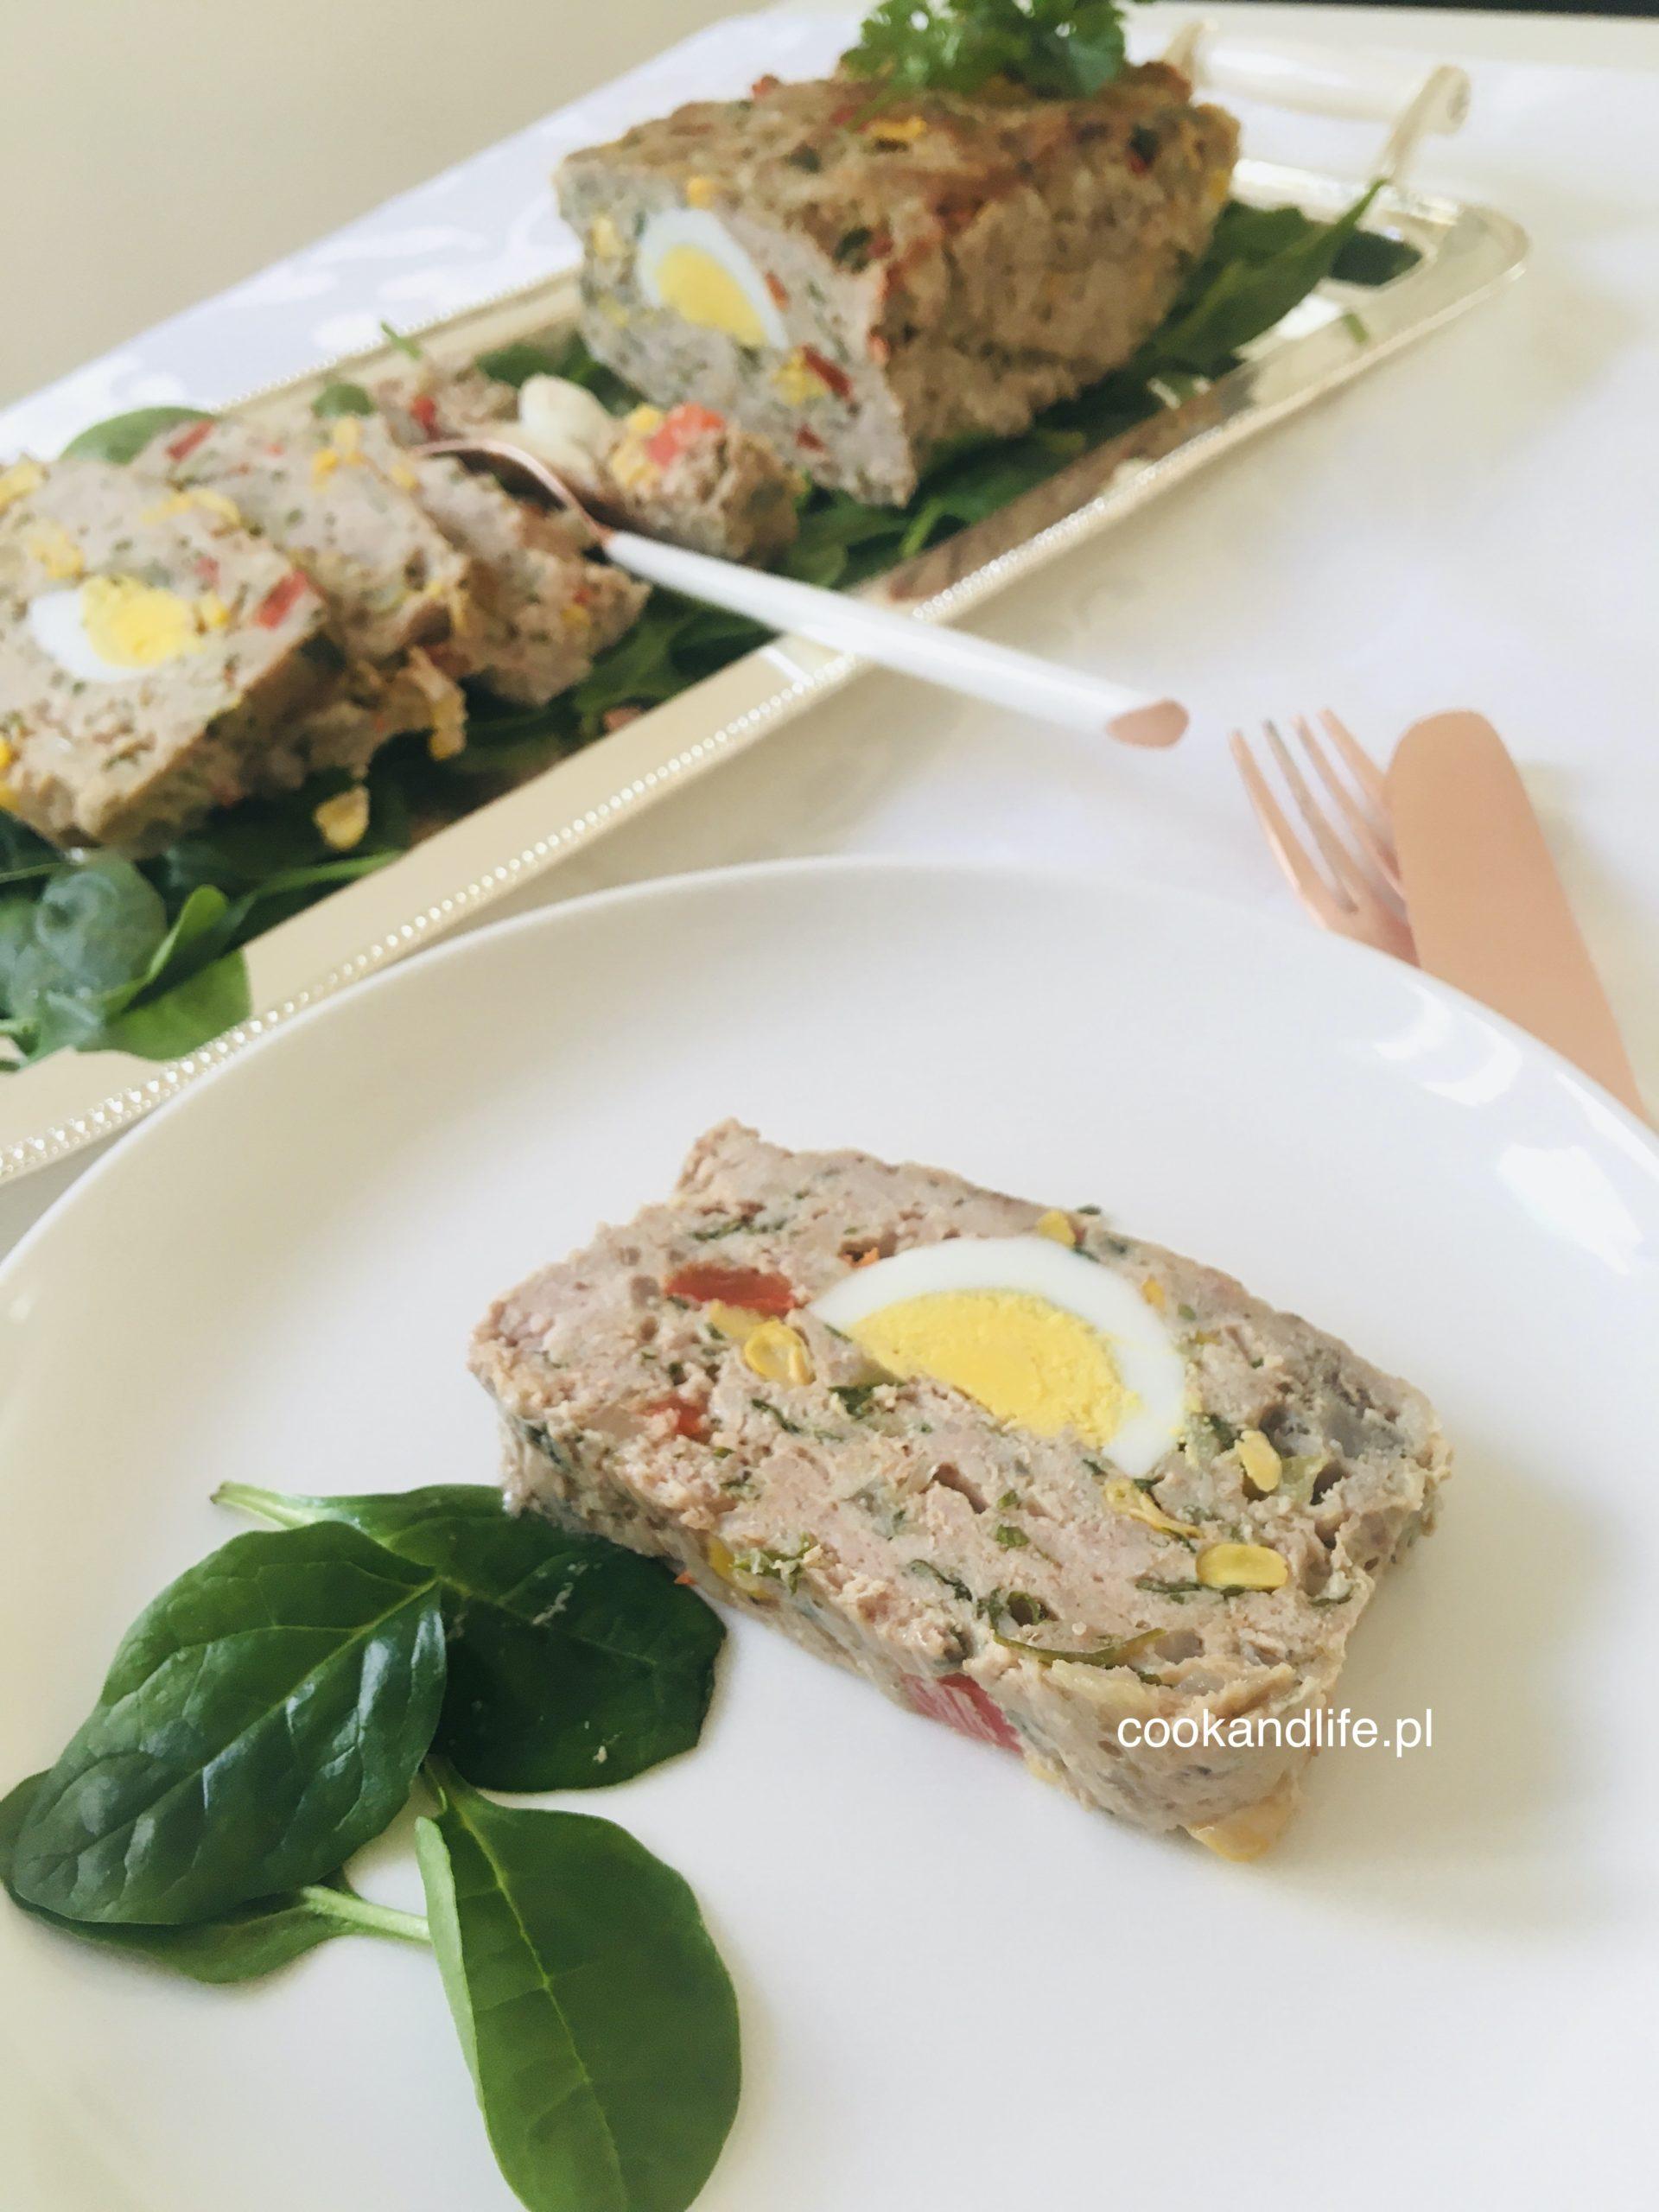 Pieczeń wielkanocna mięsno-warzywna